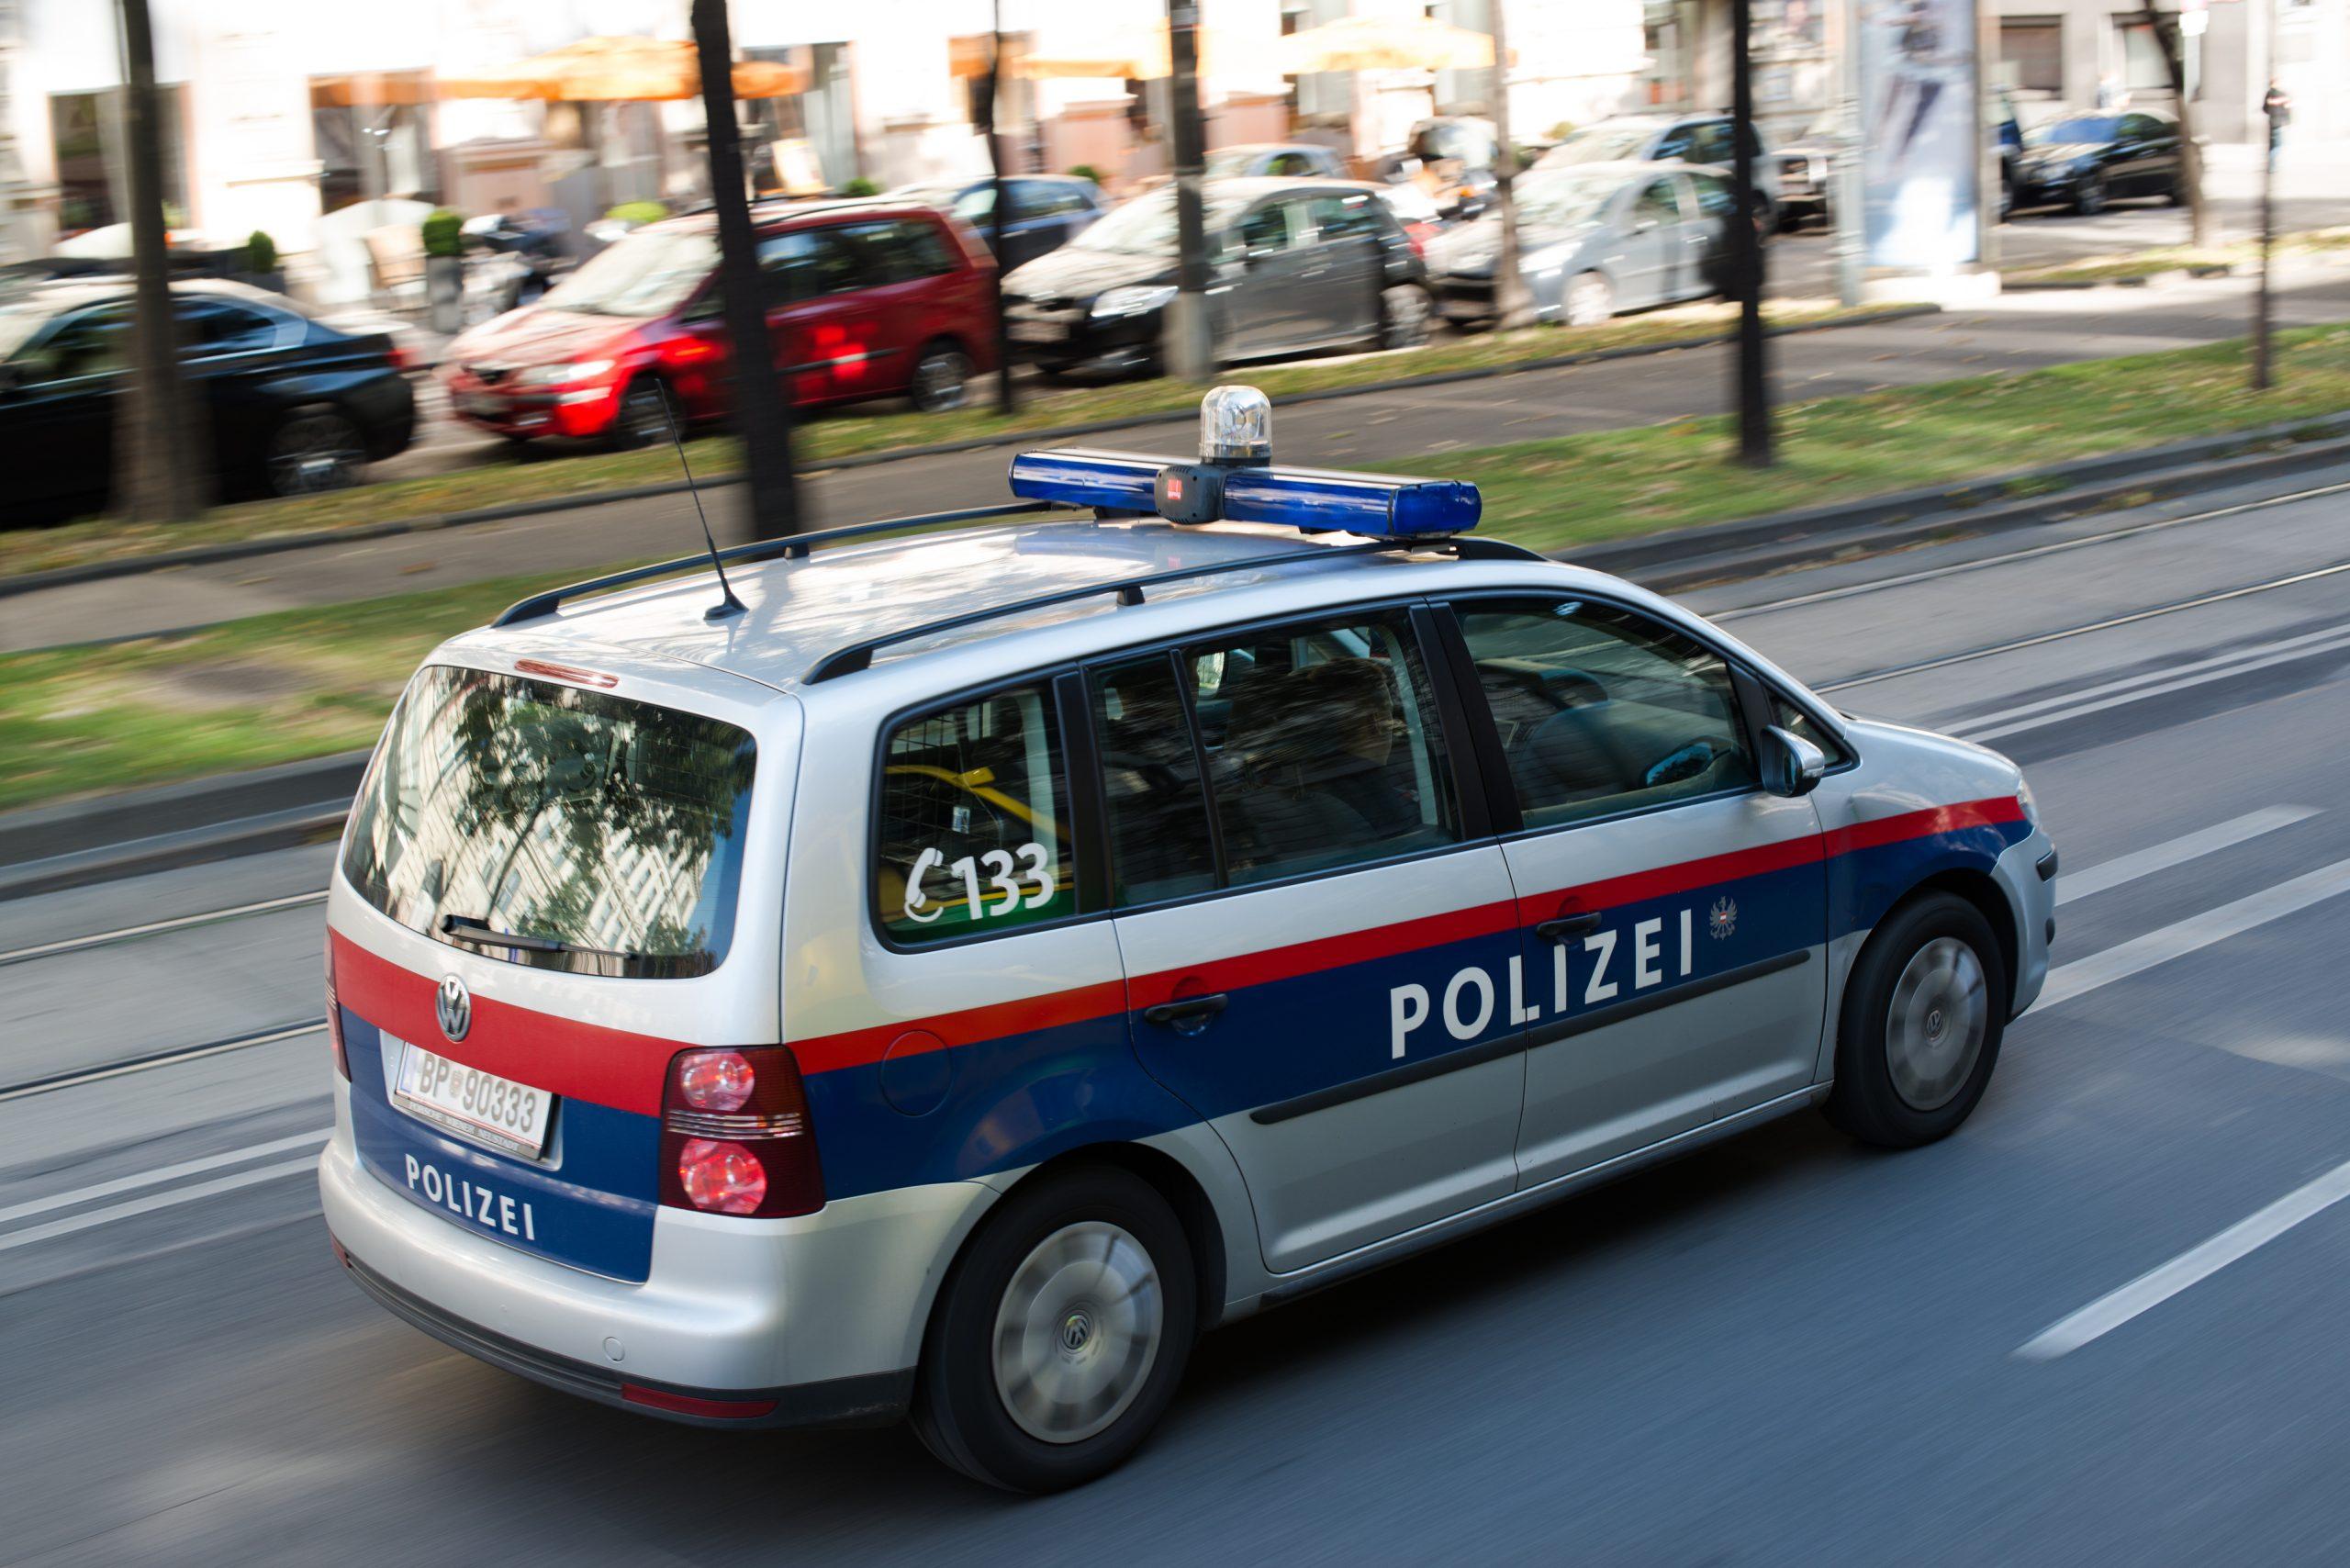 Mord an 13-jährigem Mädchen in Wien – zwei Afghanen festgenommen